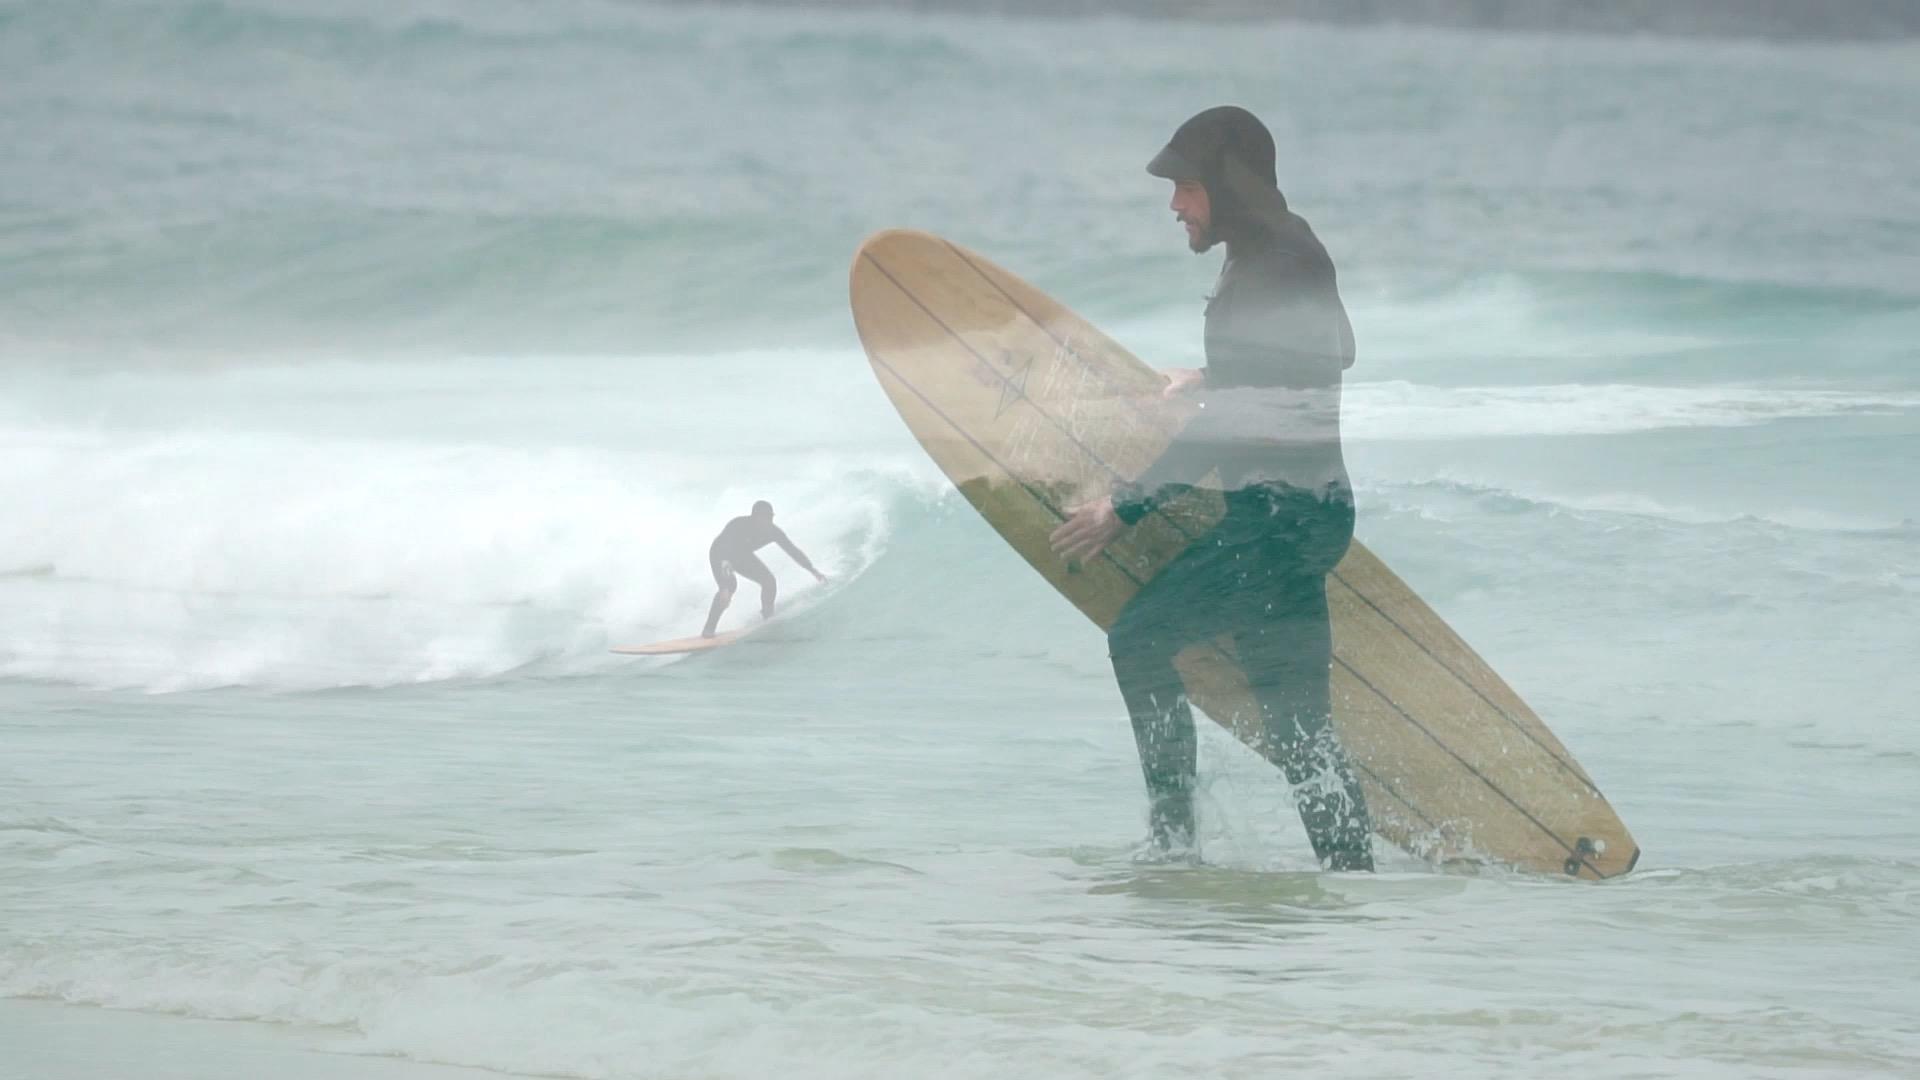 LignumSurfboards_surf1.jpg